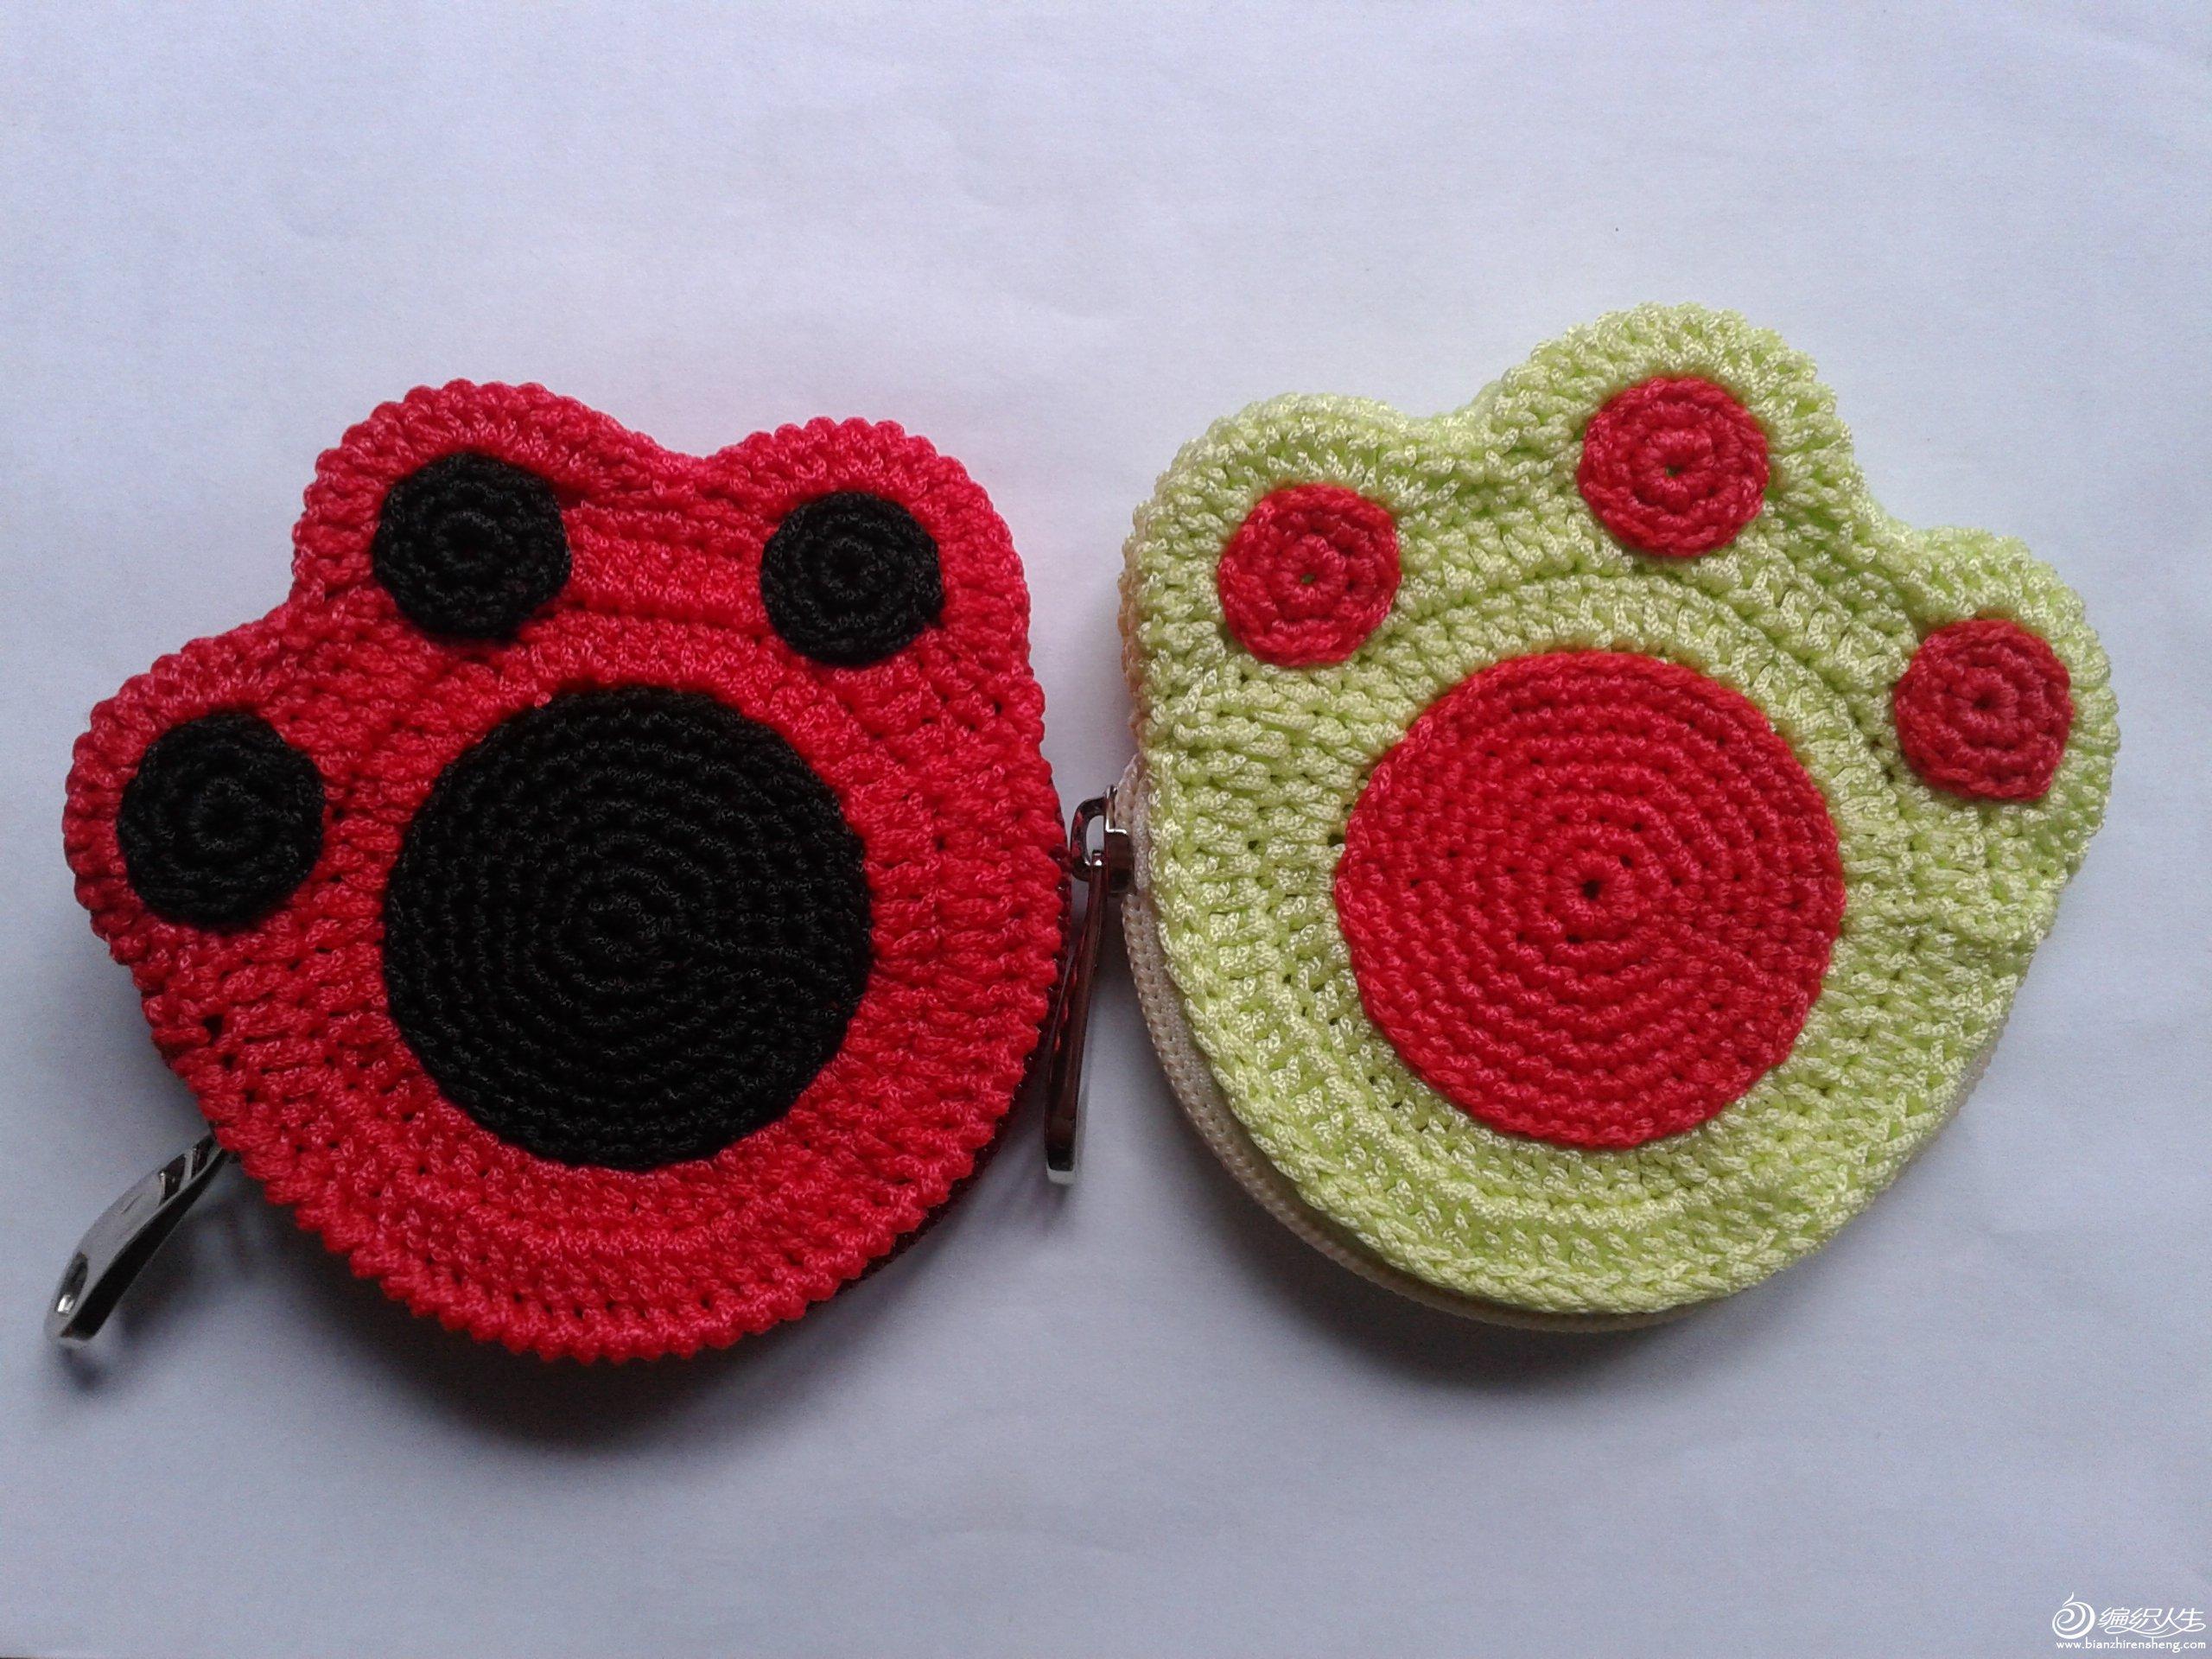 好久没发贴了,先发个小东西看看,这是给女儿和她的同学的钩的零钱包